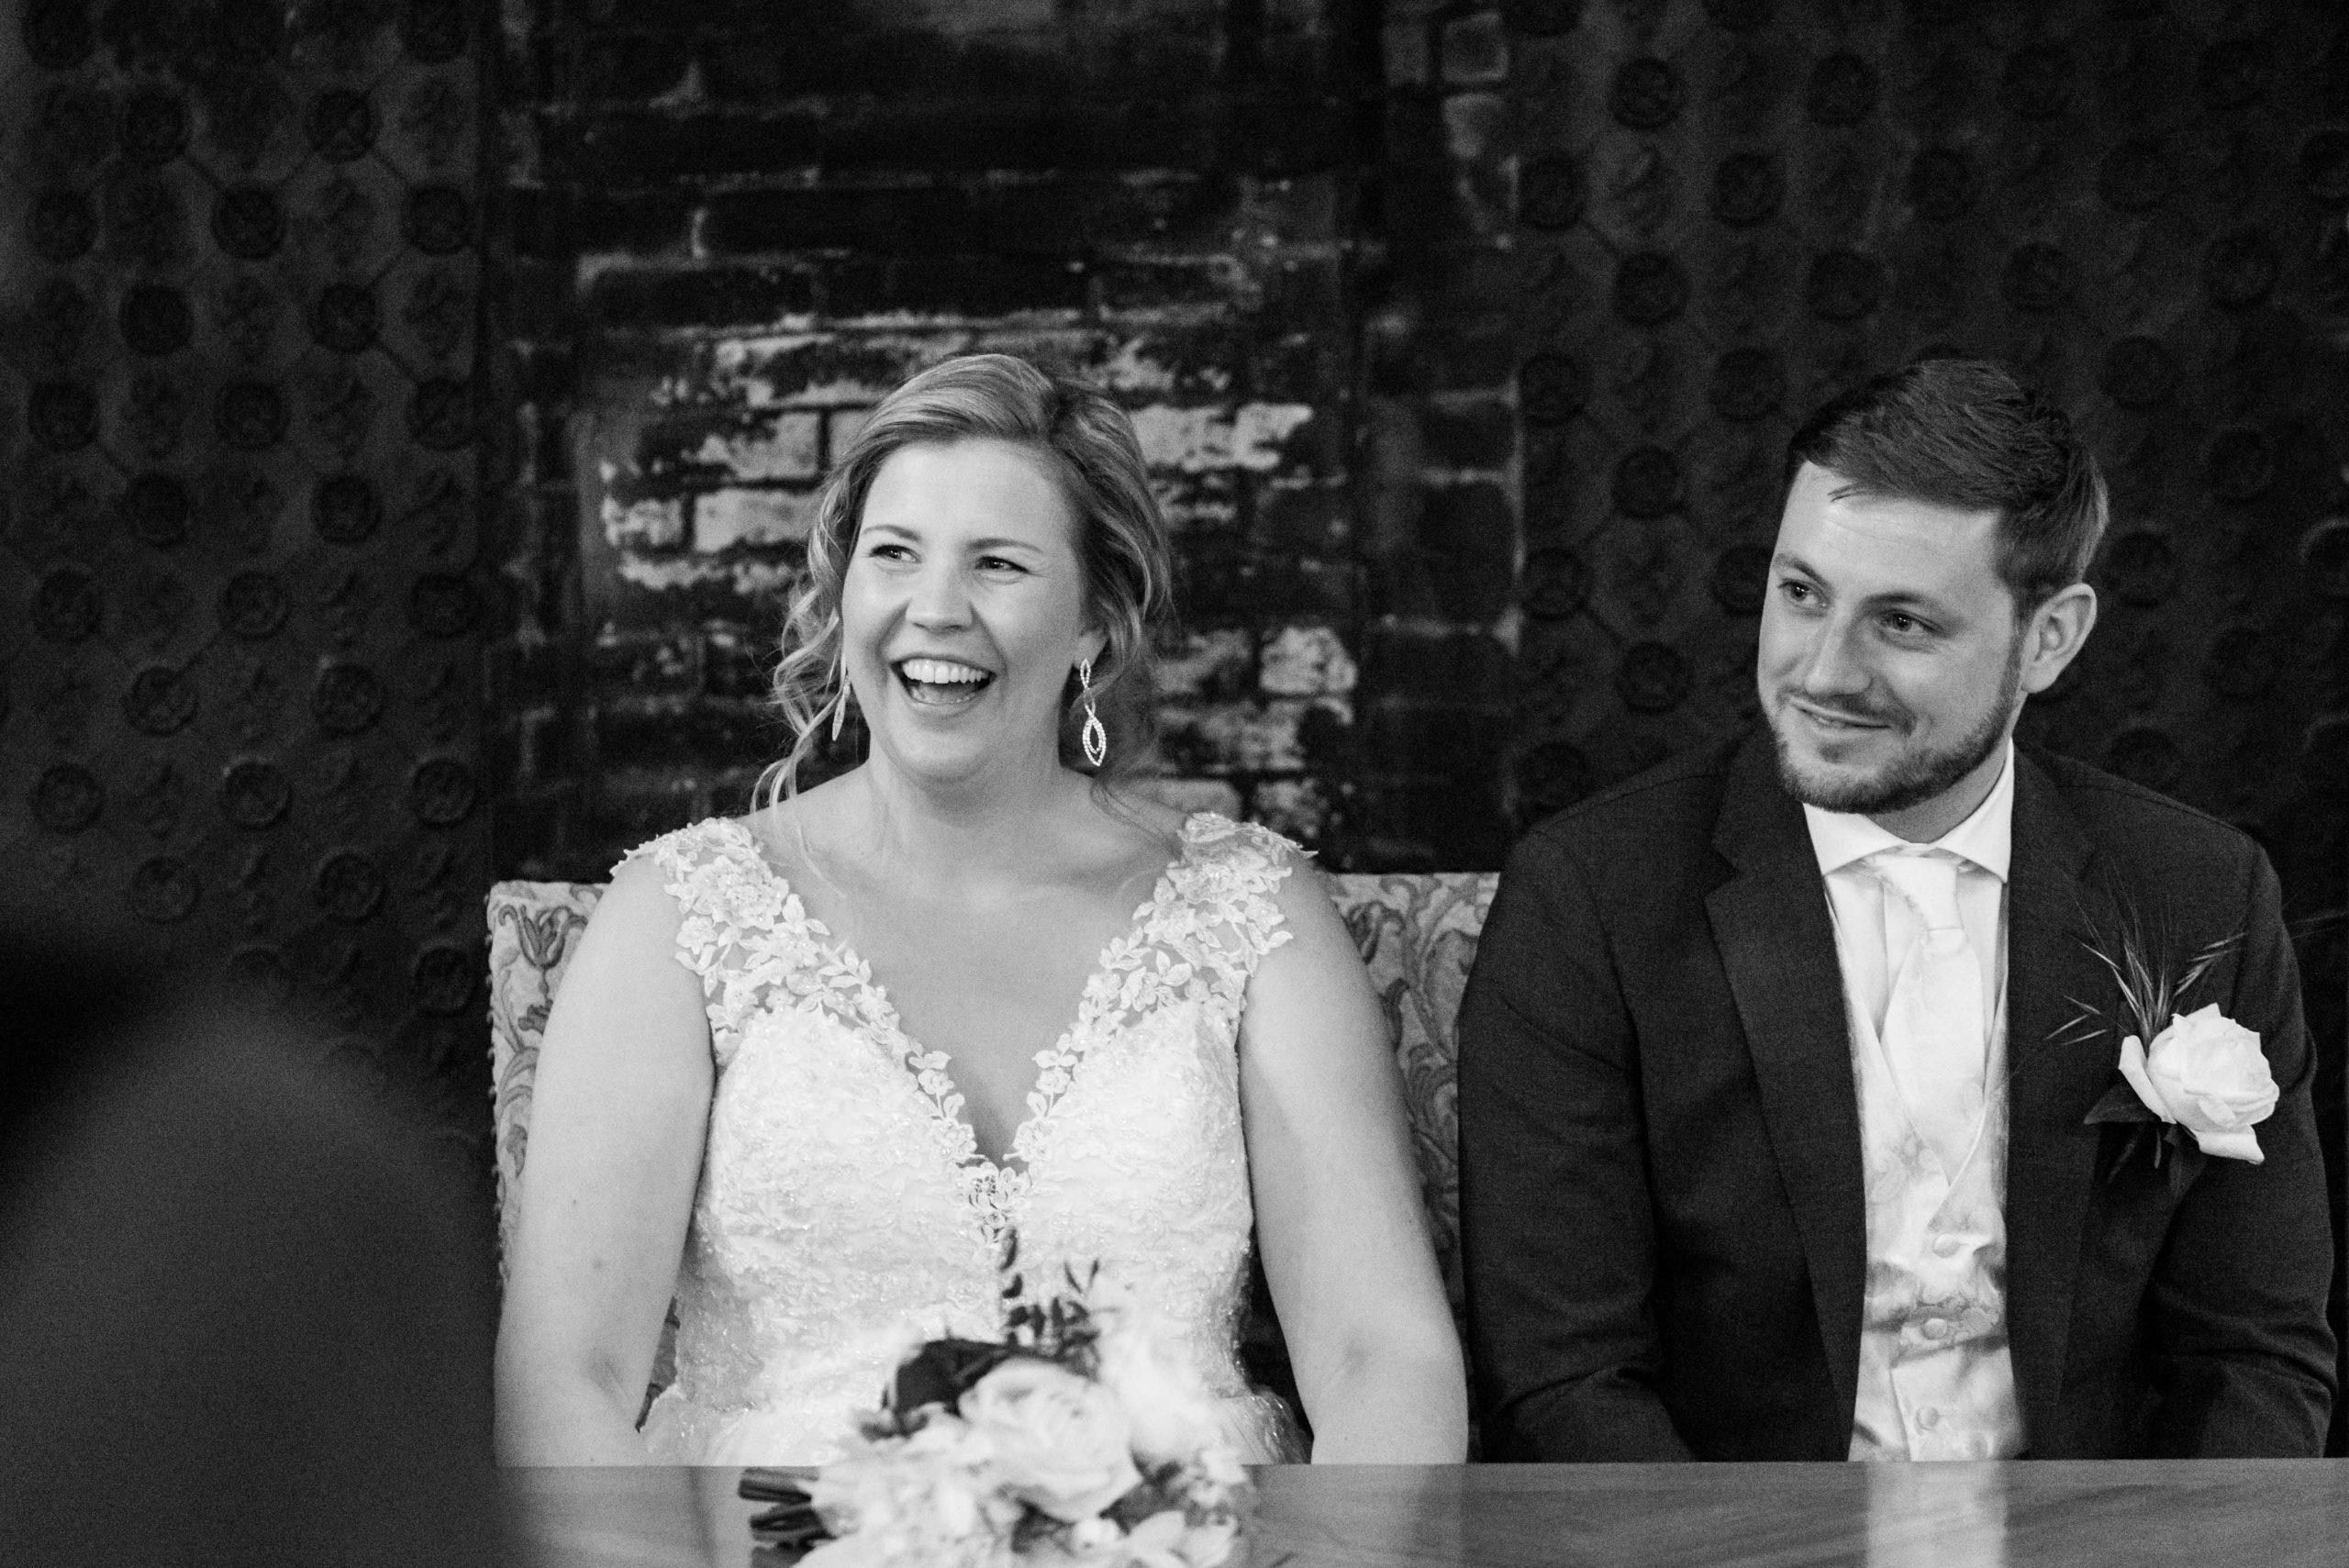 Bruid en bruidegom tijdens huwelijksvoltrekking.